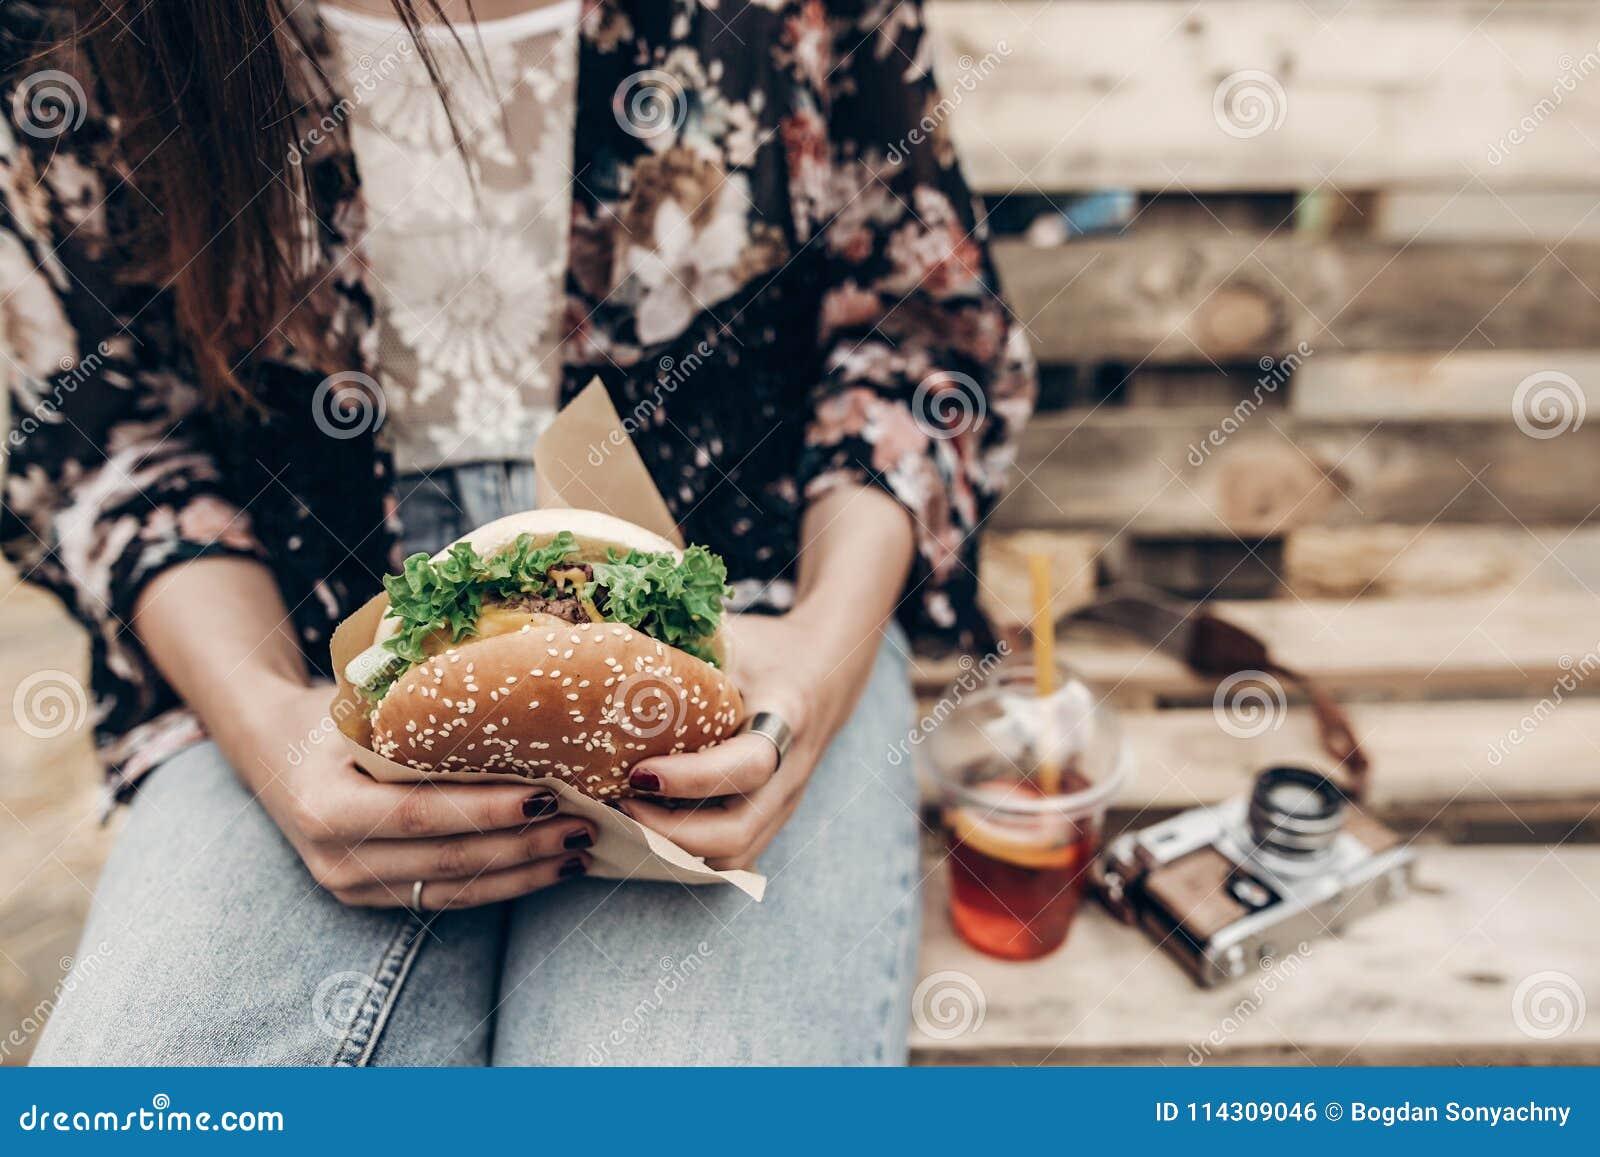 Grote sappige hamburger ter beschikking modieuze hipstervrouw die yummy CH houden